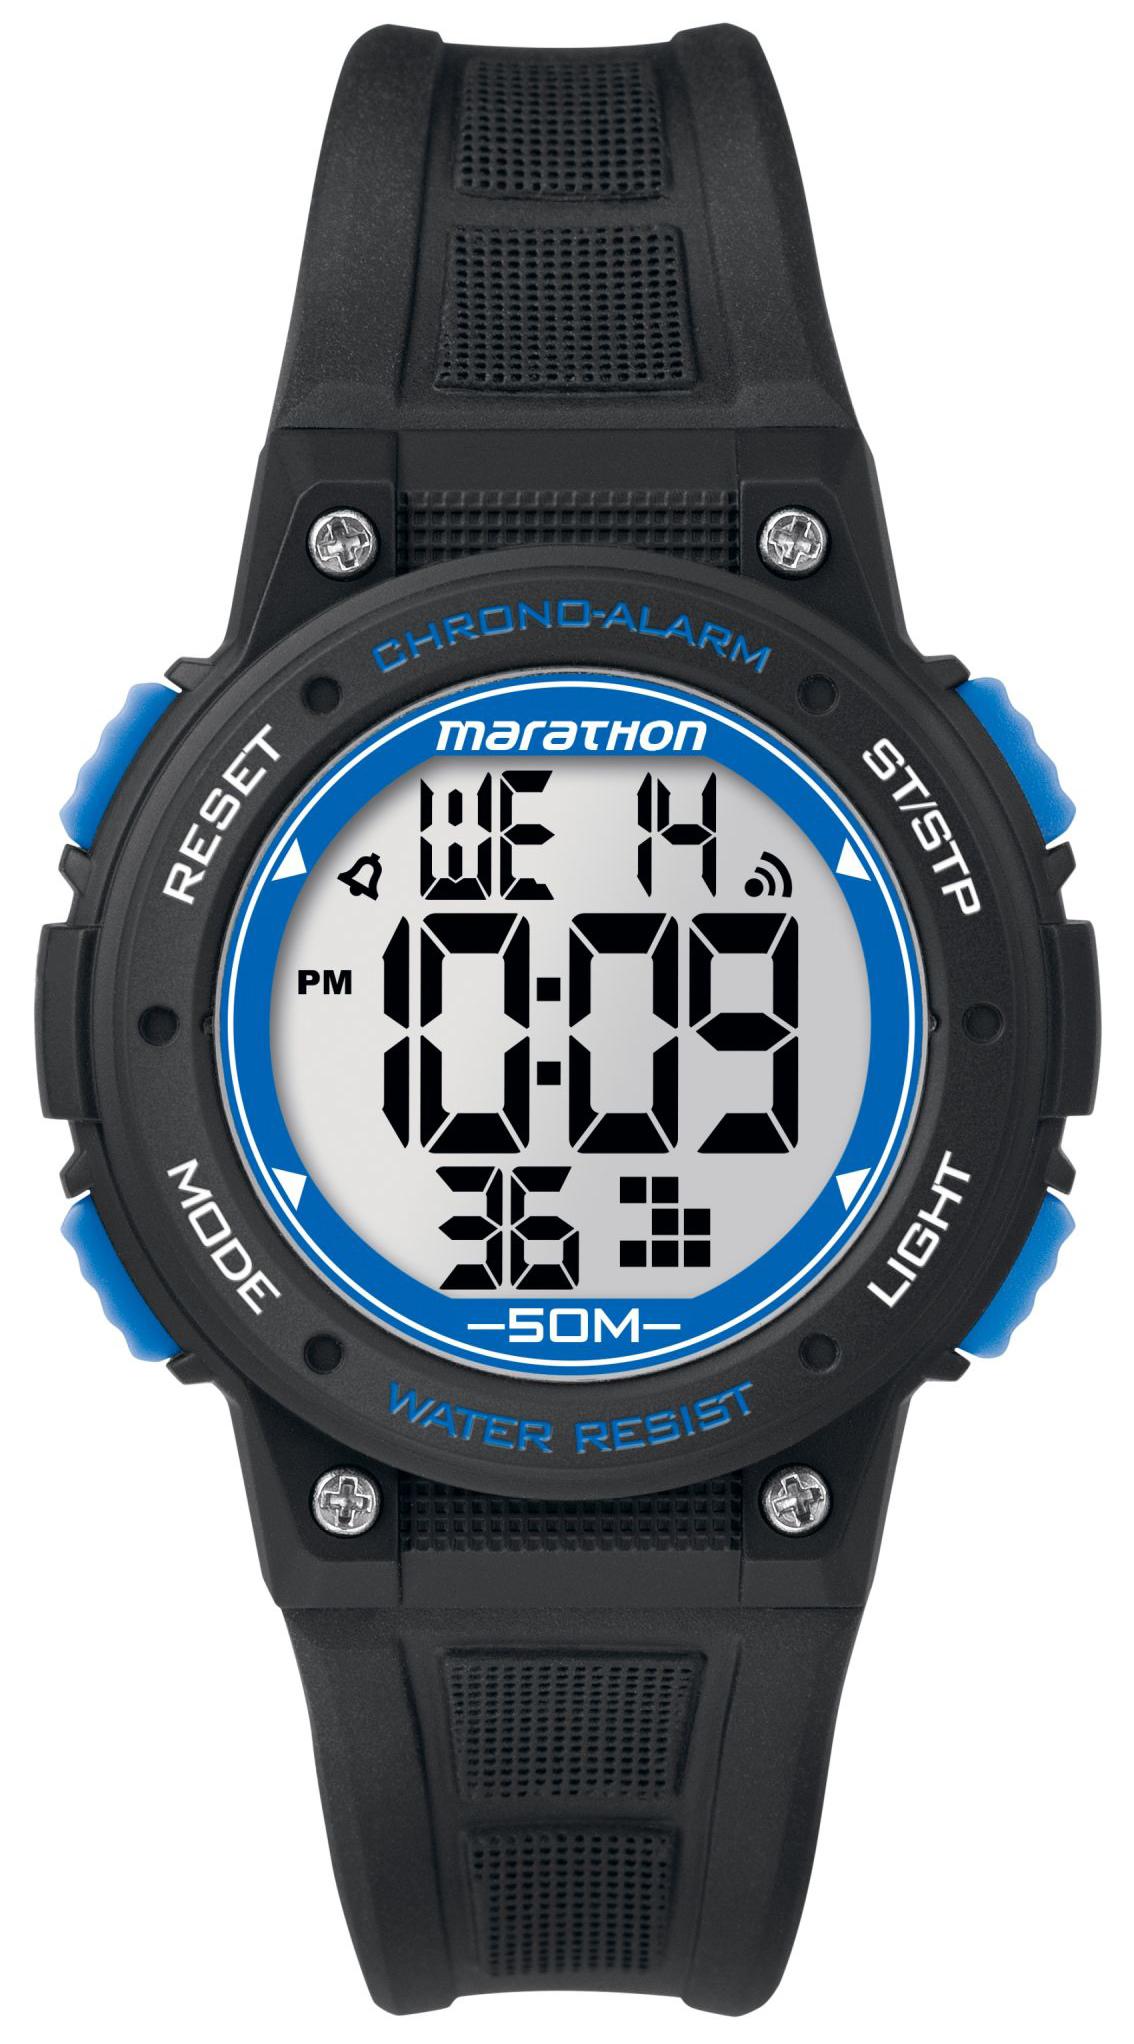 Timex Marathon TW5K84800 LCD/Gummi Ø38 mm - Timex